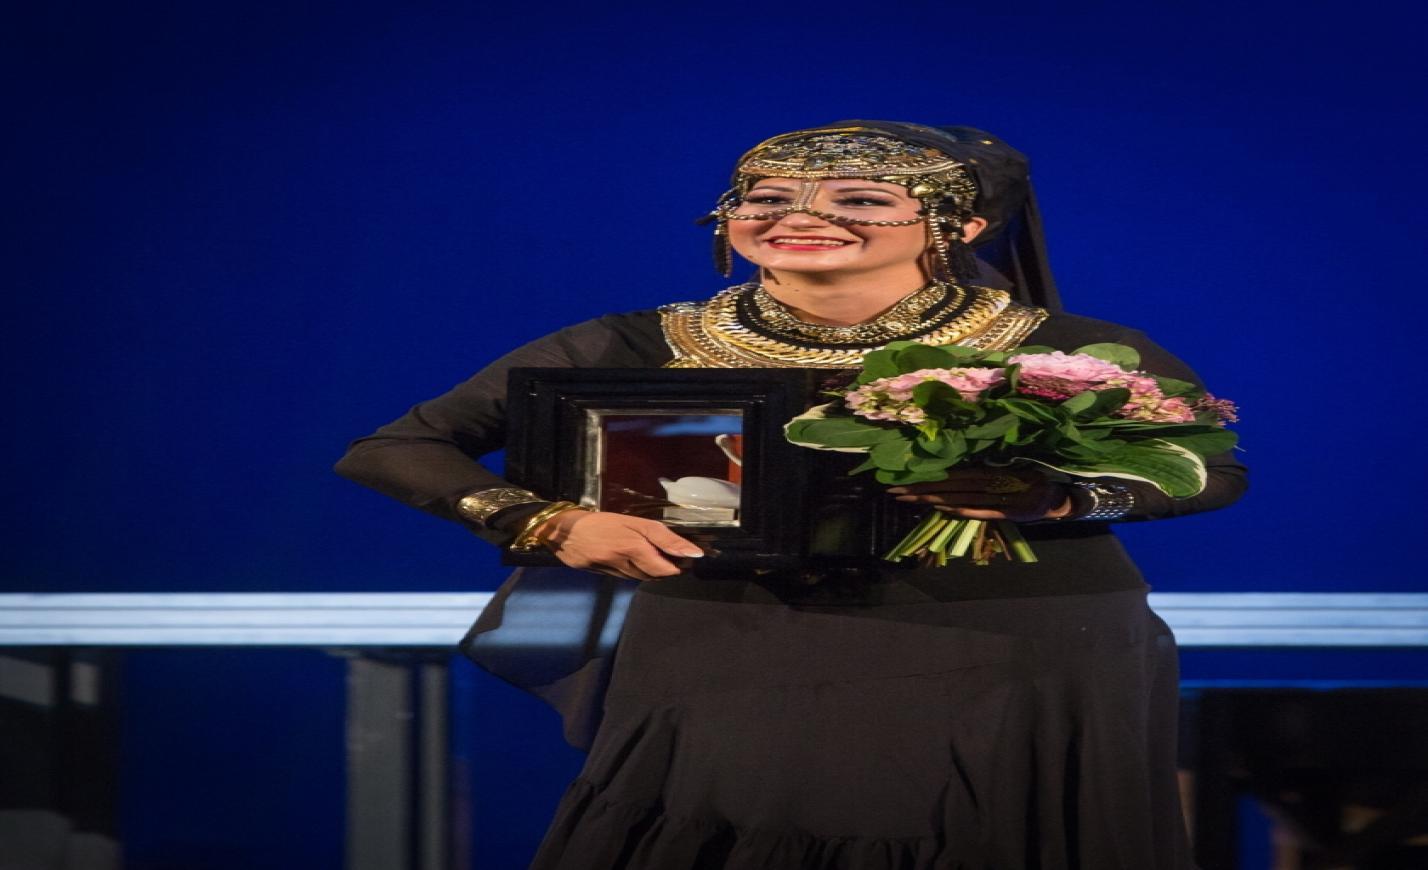 Folytatódik az Operaház Maszkabál című sorozata - nézze és hallgassa élőben Balga Gabriella áriaestjét az Origón!